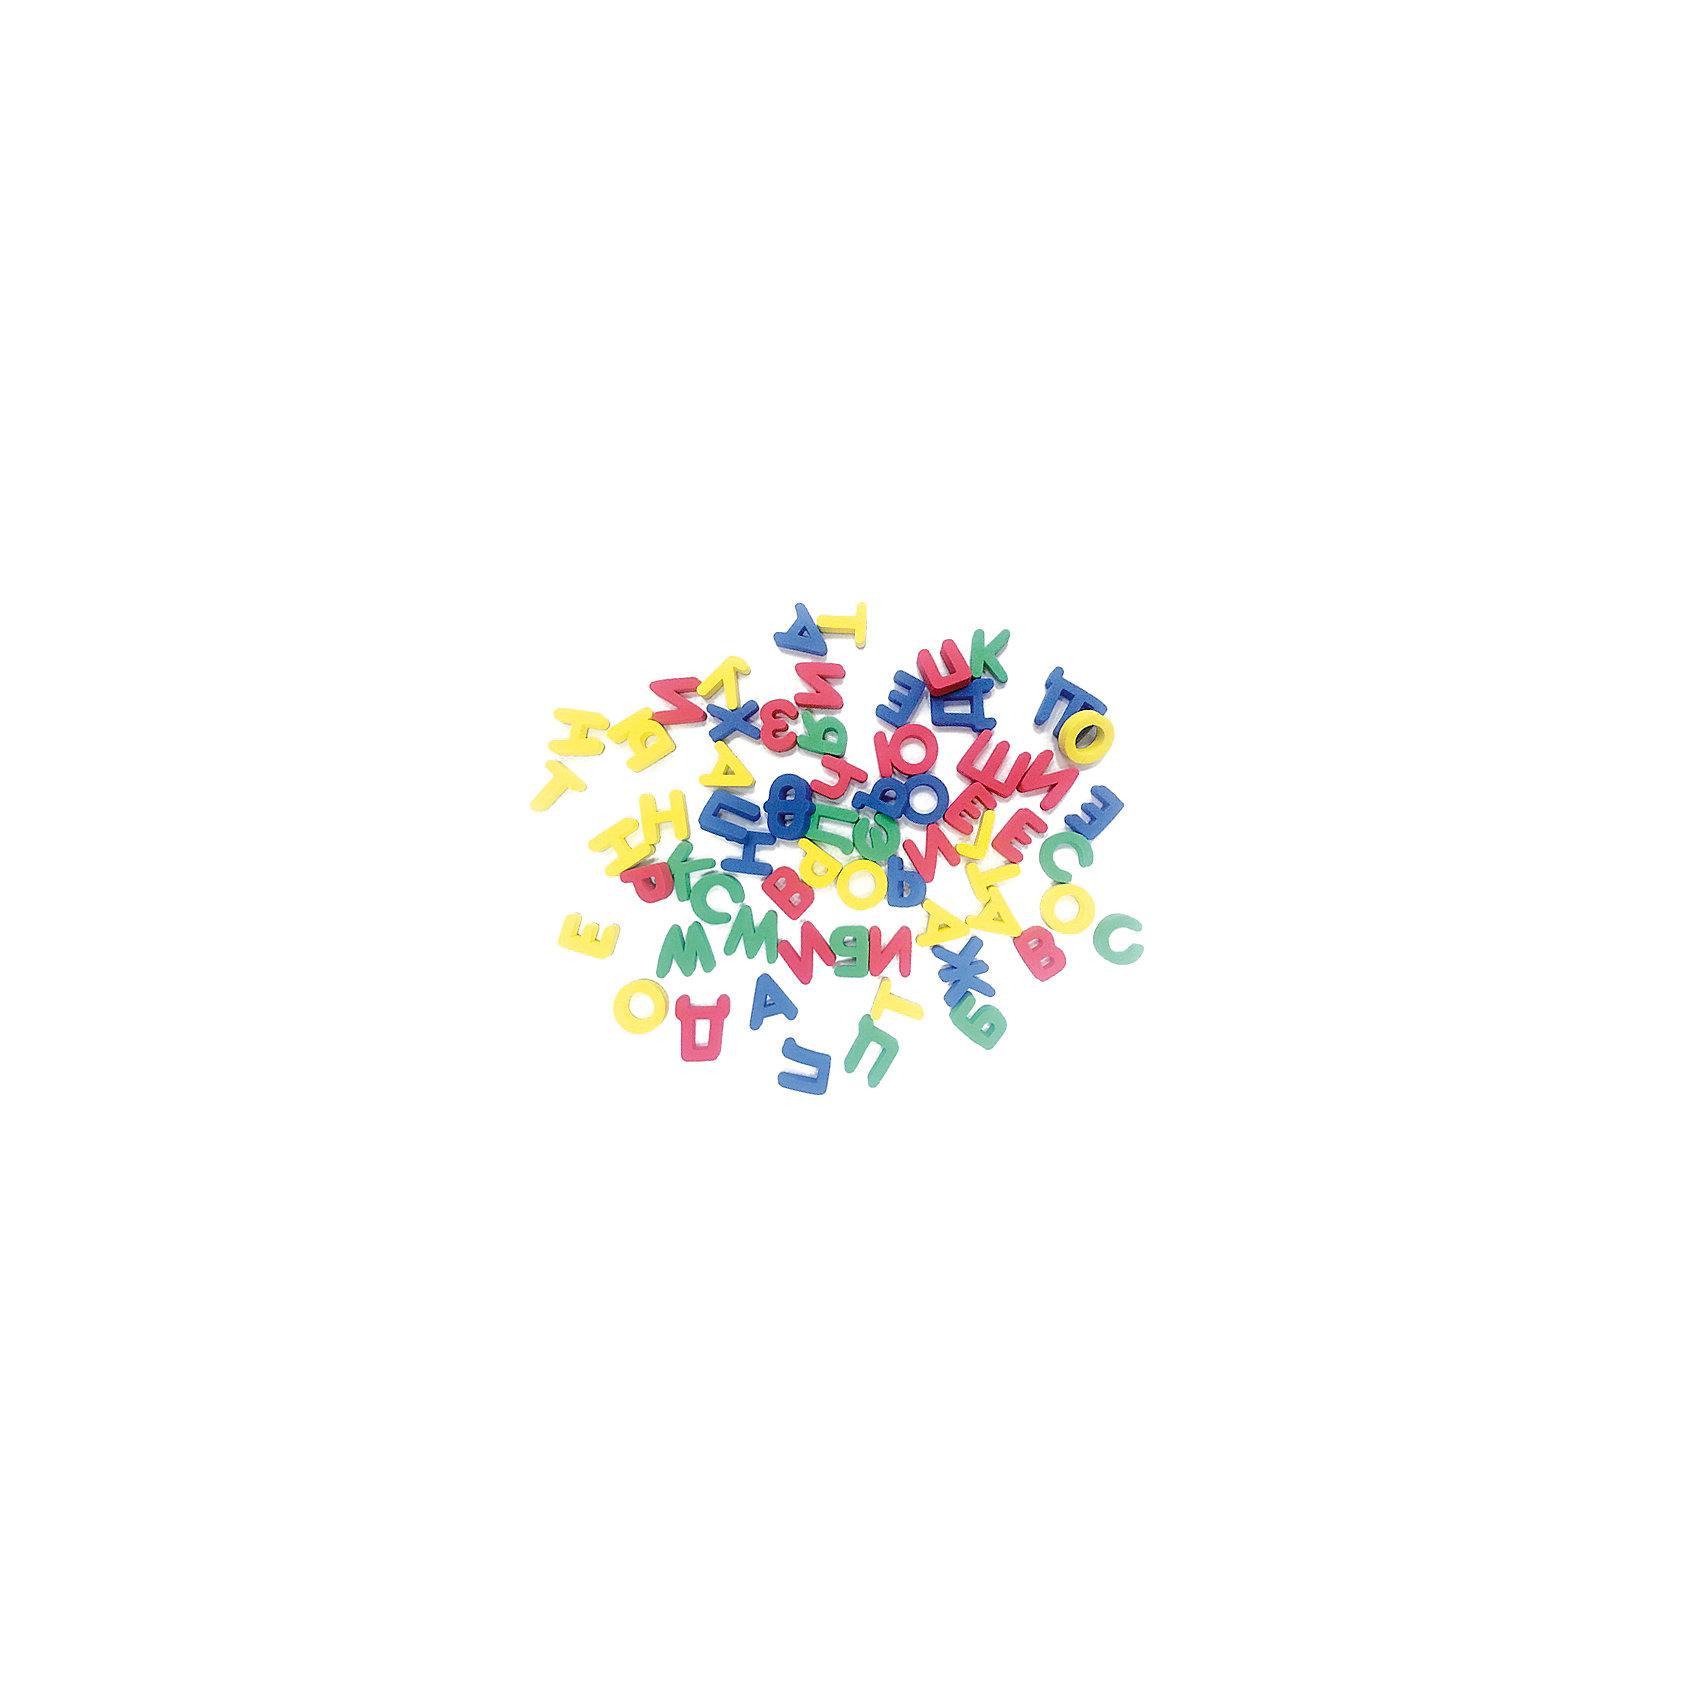 Русский алфавит на магнитной основе, Мир деревянных игрушекКасса букв<br>Изучать буквы можно, играя! Специально для самых маленьких разработаны такие наборы, сделанные из легкого приятного на ощупь материала. <br>Раскладывая буквы, малыш будет запоминать алфавит, учиться соотносить фигуры, распознавать цвета, развивать пространственное мышление, память и мелкую моторику. Этот набор произведен из качественных и безопасных для детей материалов.<br><br>Дополнительная информация:<br><br>цвет: разноцветный;<br>размер: 18 х 23 см.<br><br>Набор Русский алфавит на магнитной основе от бренда Бомик можно купить в нашем магазине.<br><br>Ширина мм: 140<br>Глубина мм: 15<br>Высота мм: 205<br>Вес г: 610<br>Возраст от месяцев: 36<br>Возраст до месяцев: 84<br>Пол: Унисекс<br>Возраст: Детский<br>SKU: 4968998